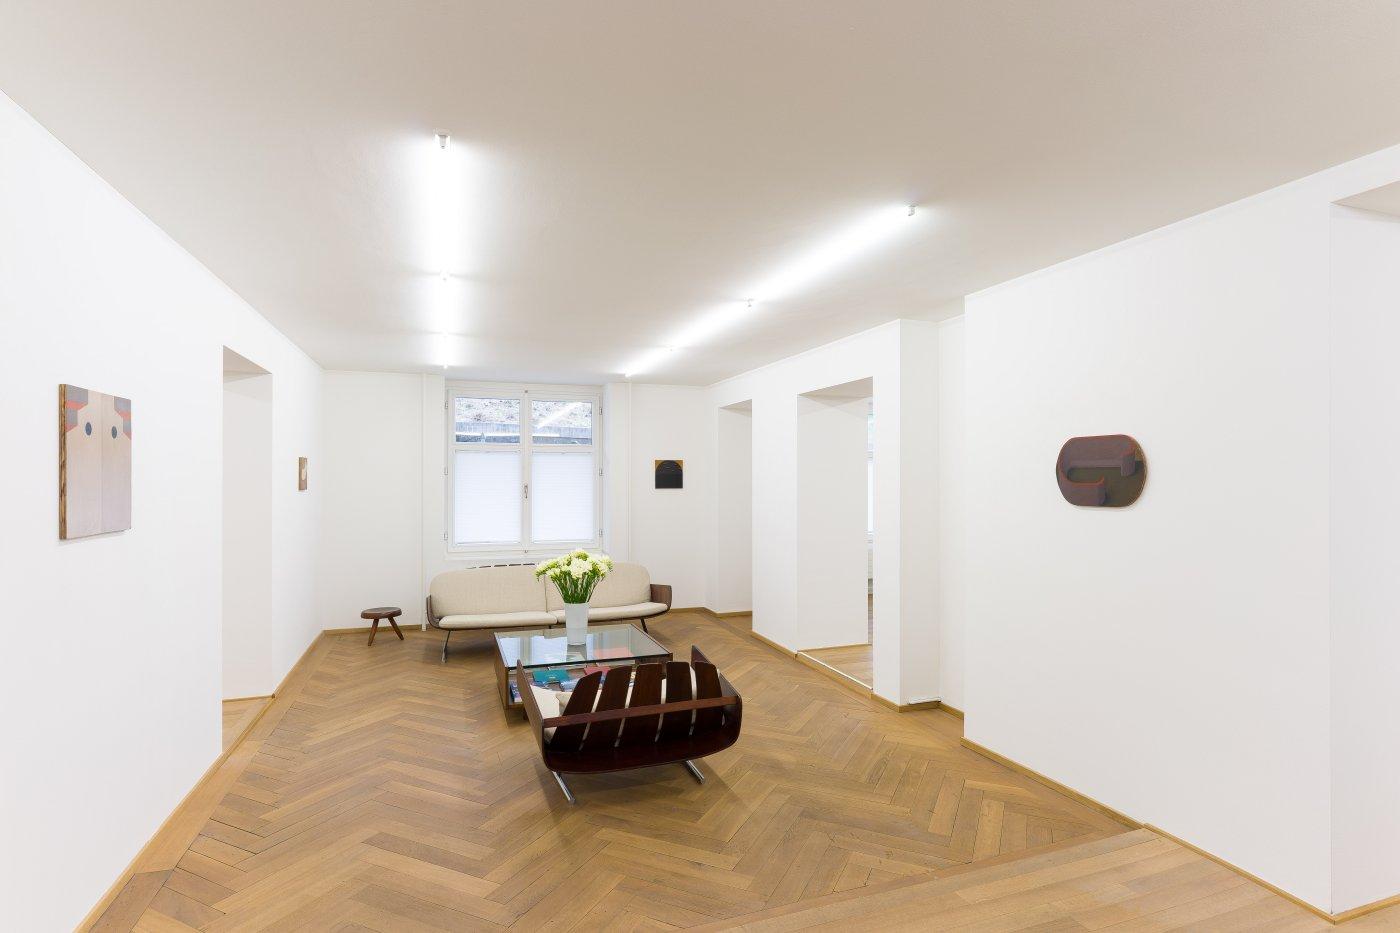 Mai 36 Galerie Laura Carralero 2